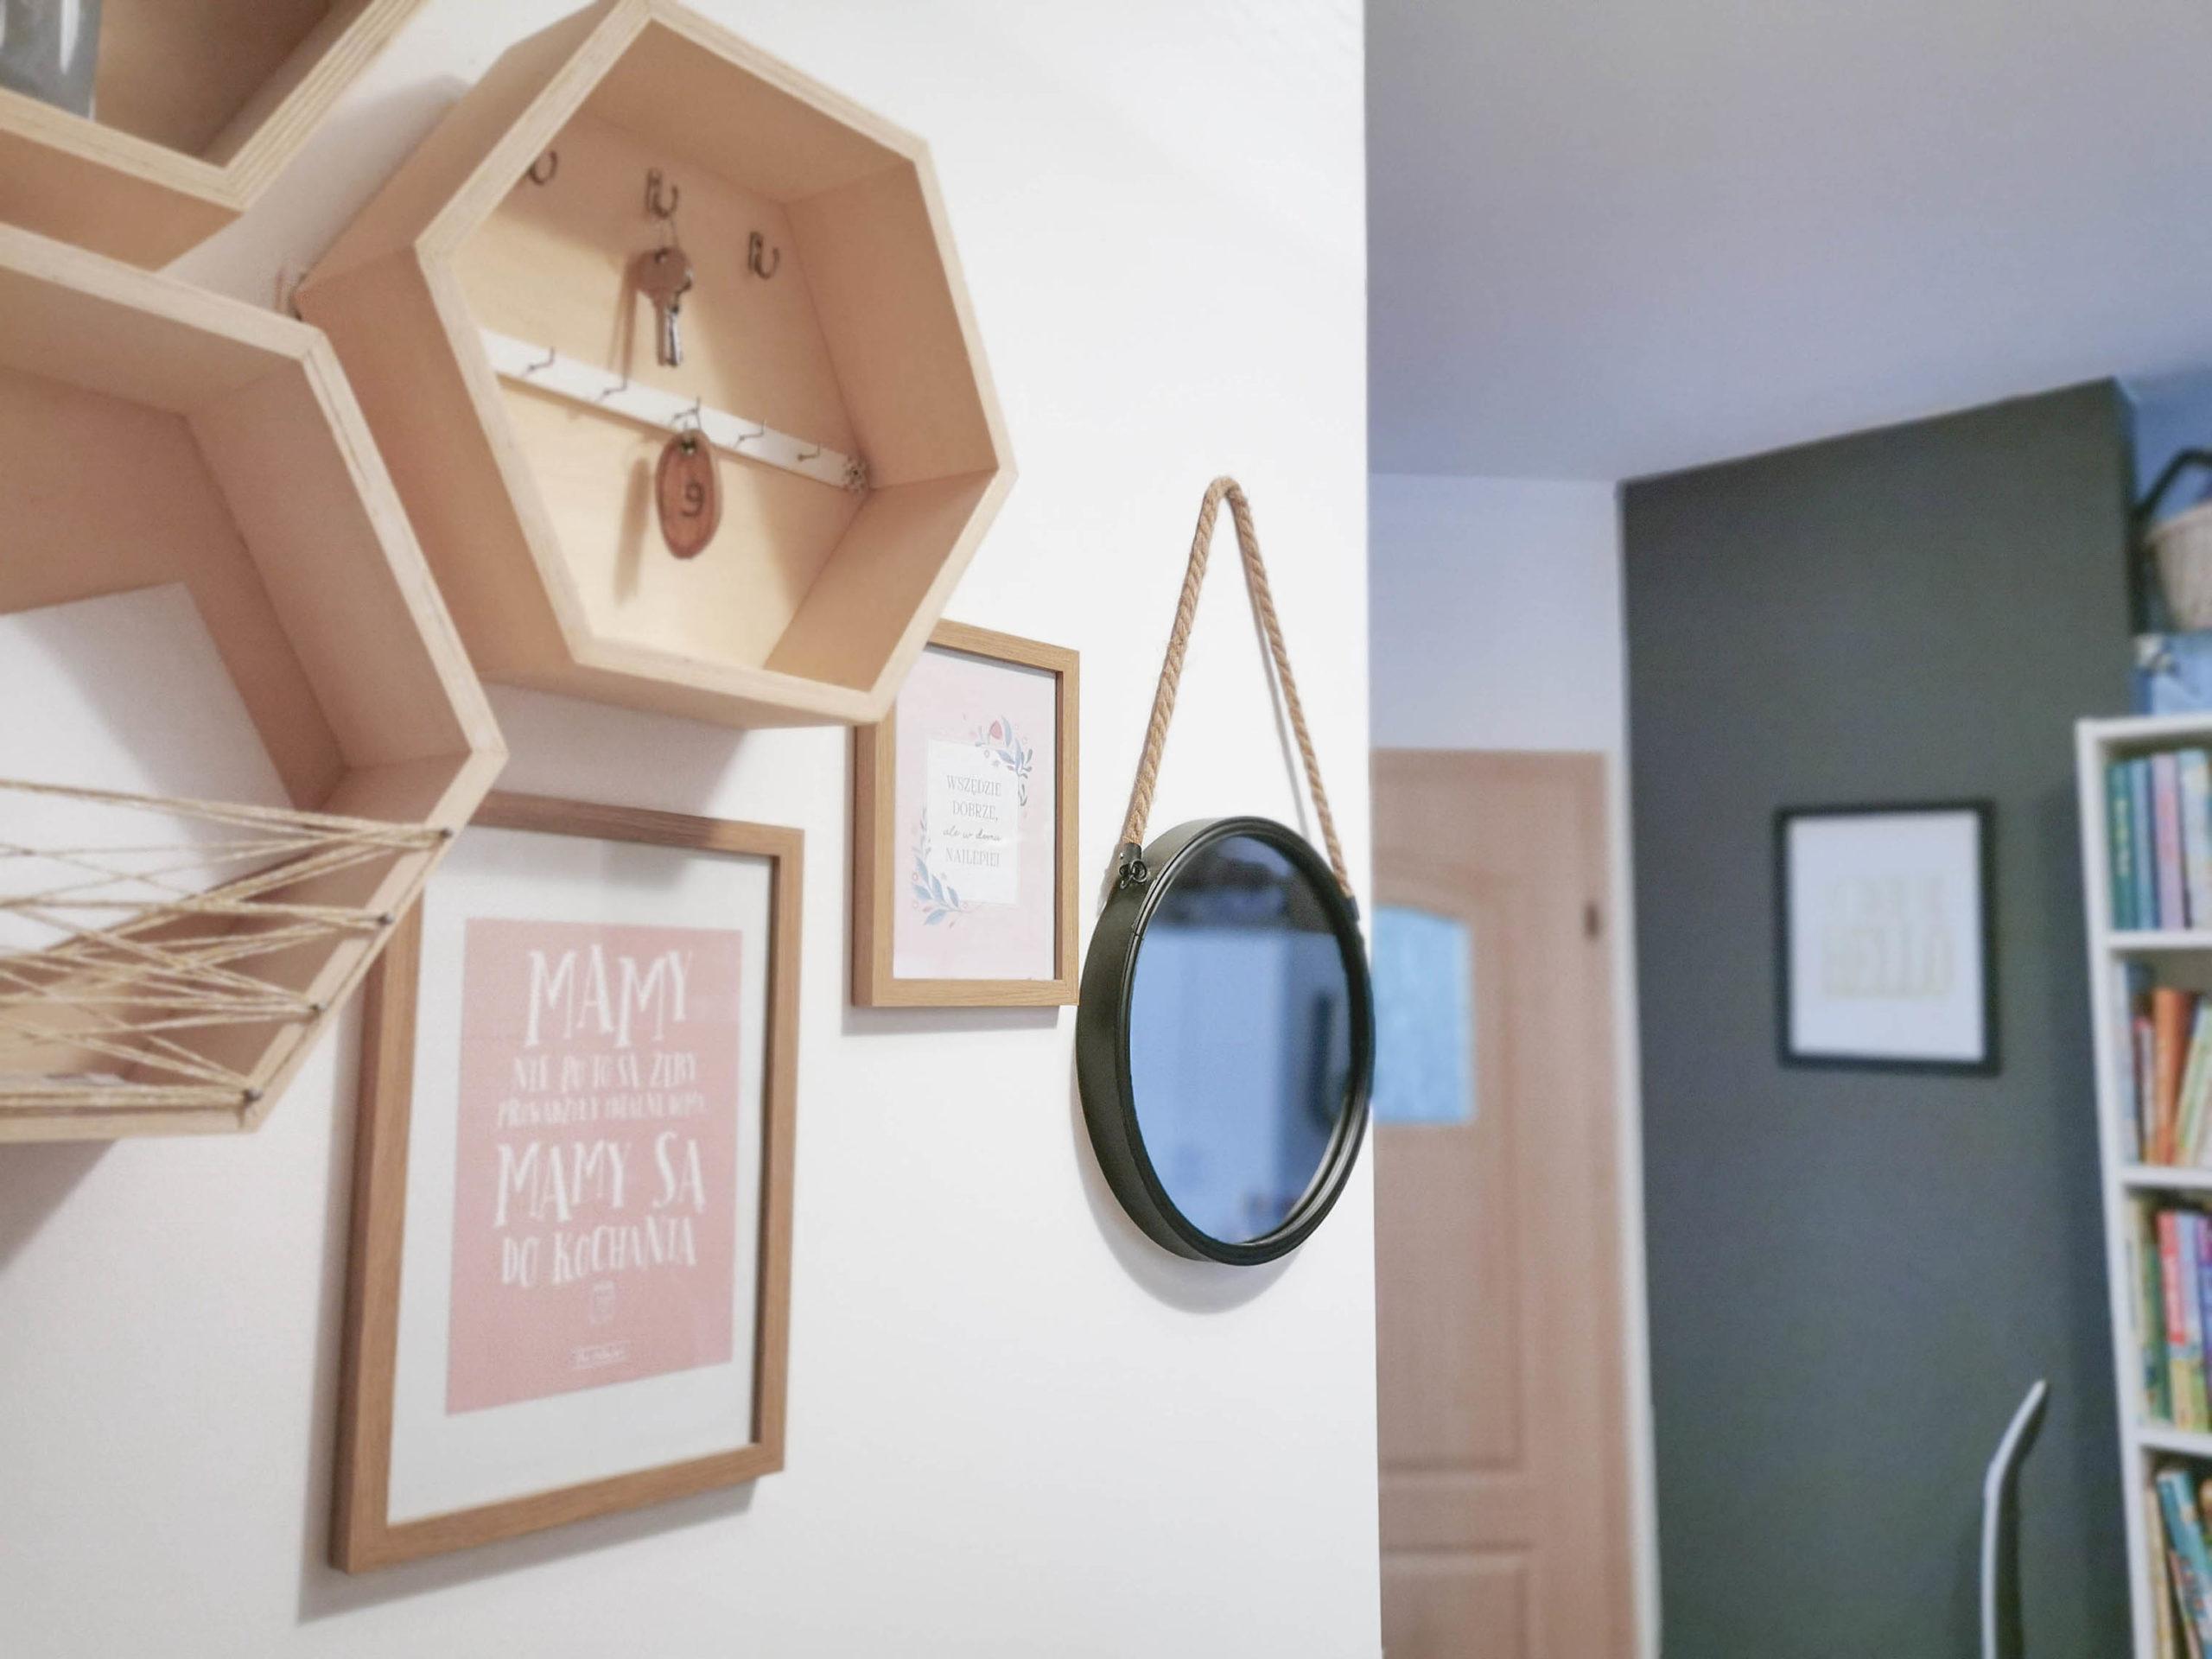 półki w małym przedpokoju, lustro na sznurku